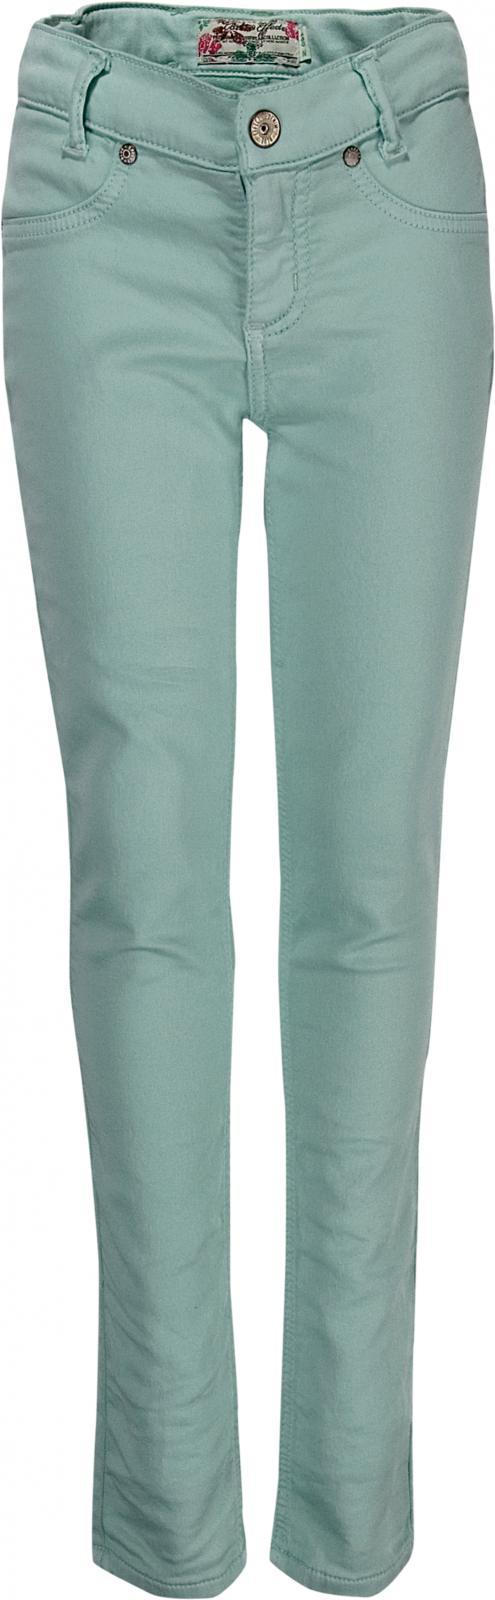 Strečové dívčí kalhoty - Blue Effect vel.152